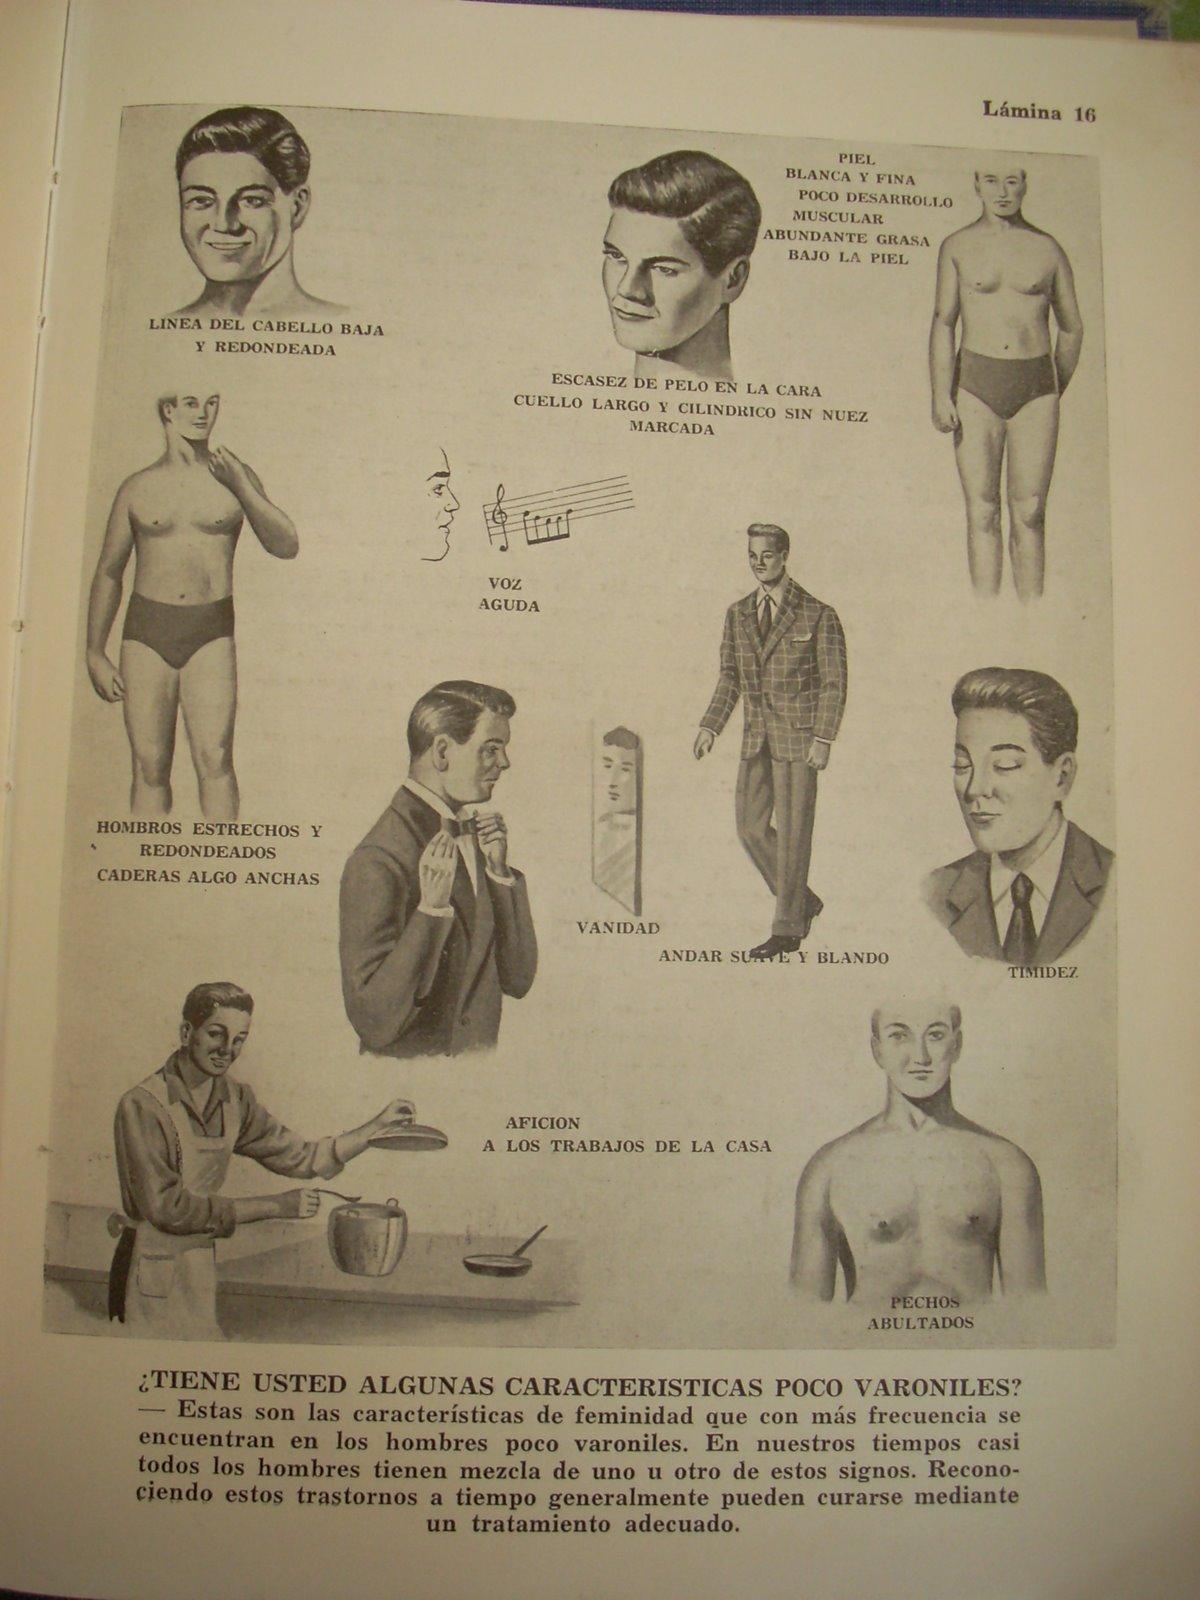 Enfermedades trastornos vida conyugal hombre poco masculino